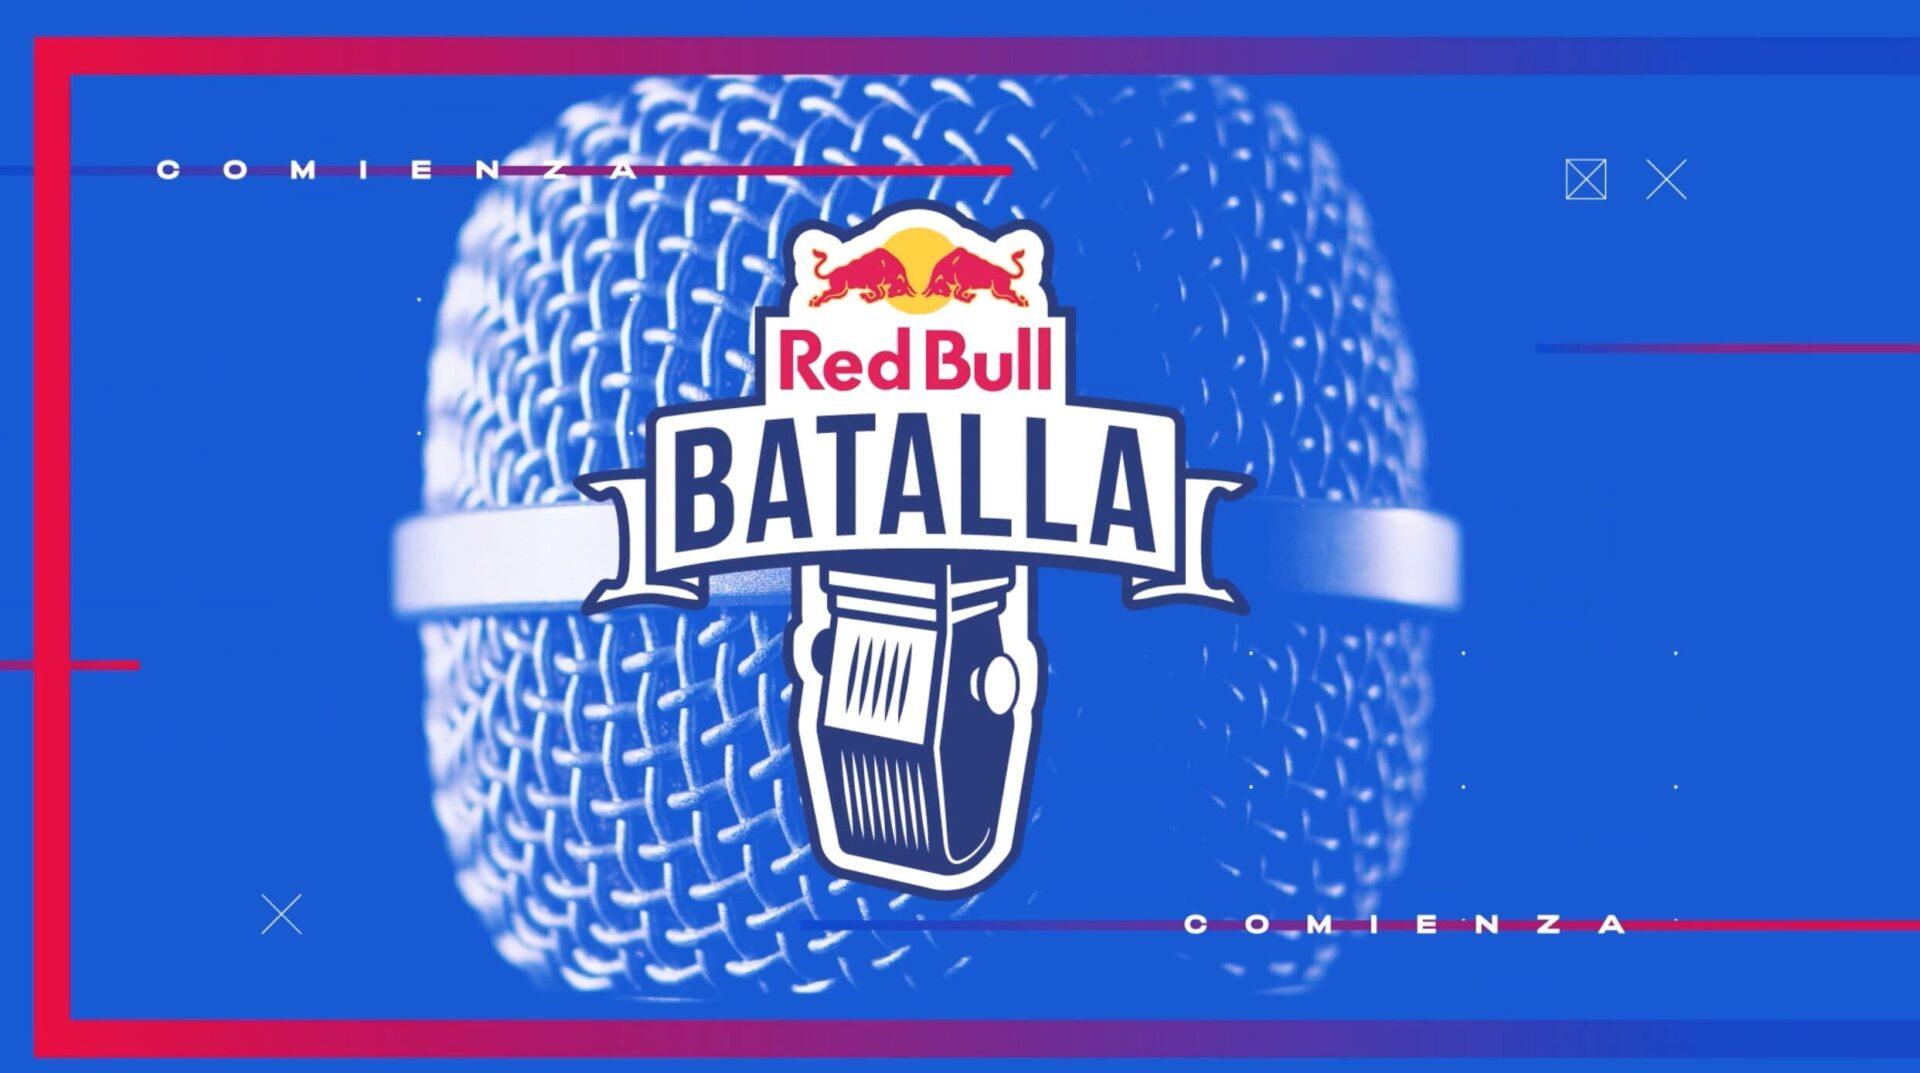 RED BULL BATALLA 2021: ¿CÓMO ES EL PROCESO DE SELECCIÓN DE PARTICIPANTES?